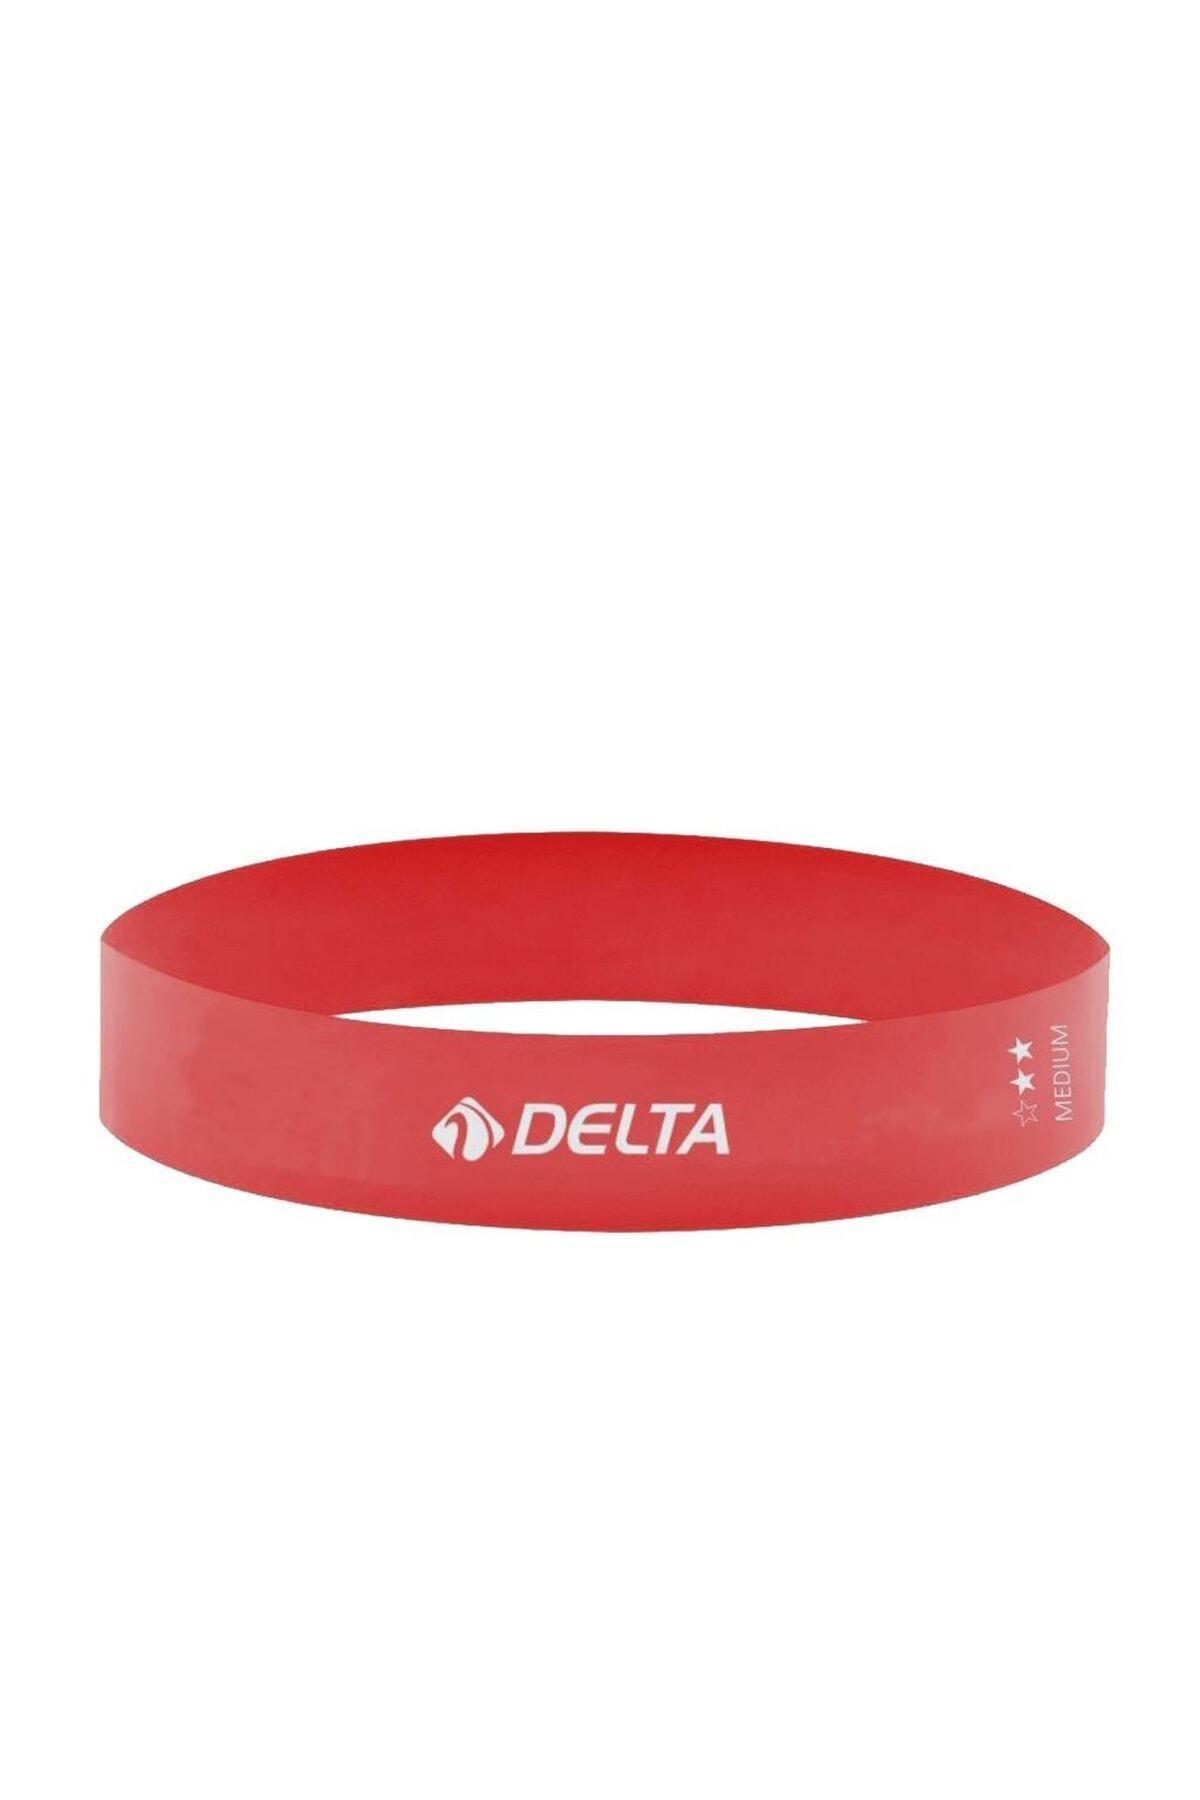 Delta Pembe Aerobik Bandı Lateks Bant Pilates Lastiği Rlm614 1